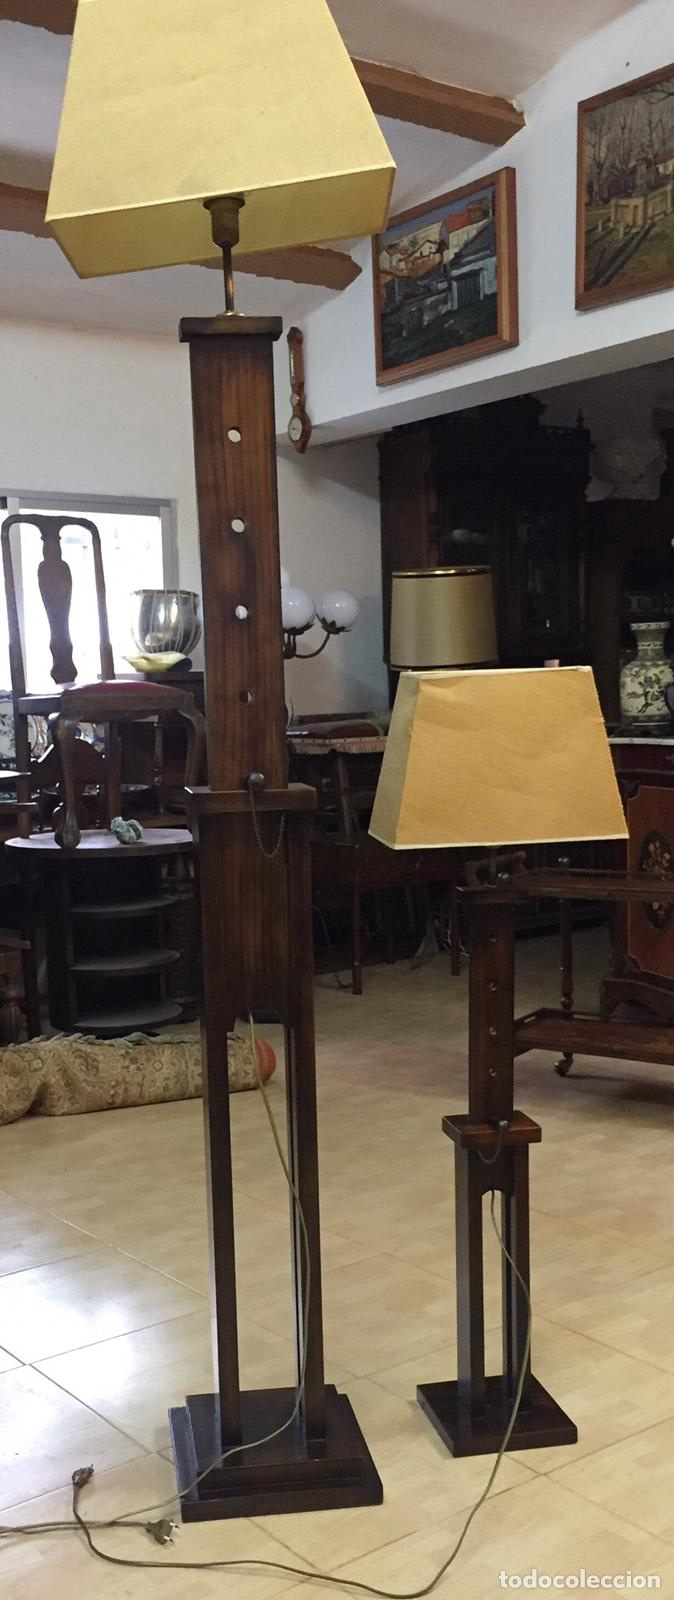 Vintage: Lámparas Madera Regulables Vintage - Foto 2 - 223681157